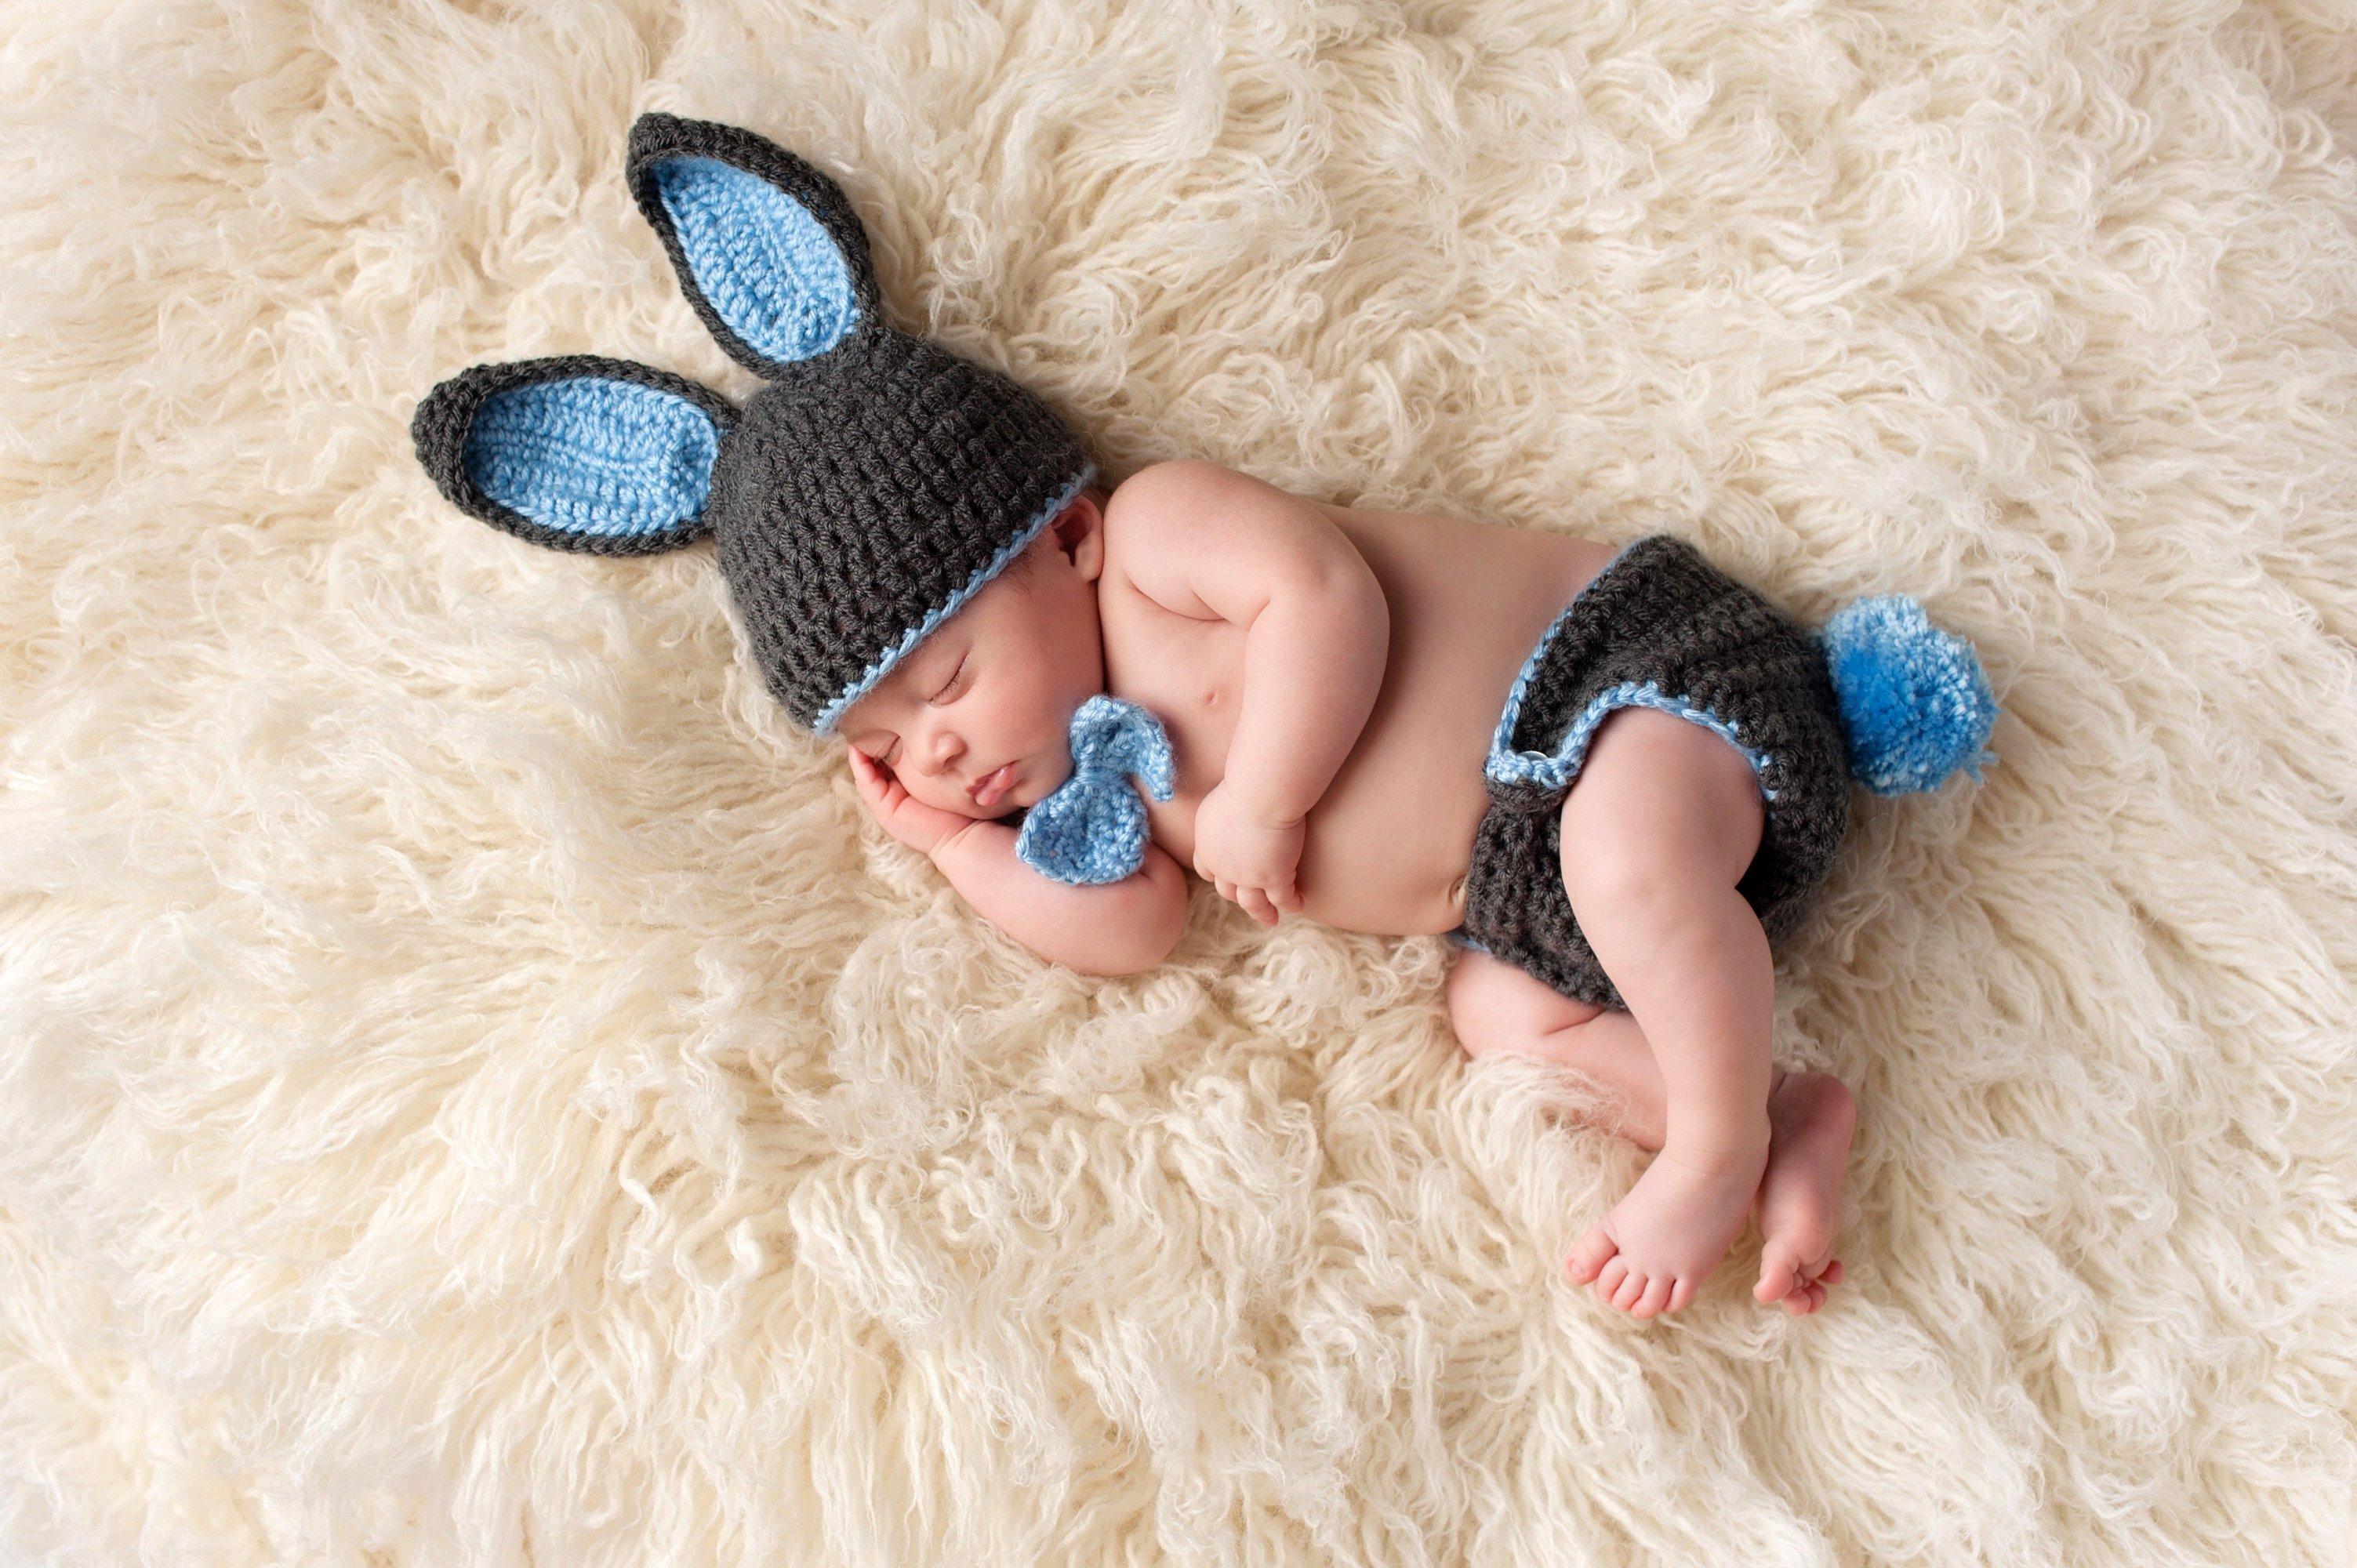 12 bí quyết giúp bé ngủ ngoan hơn